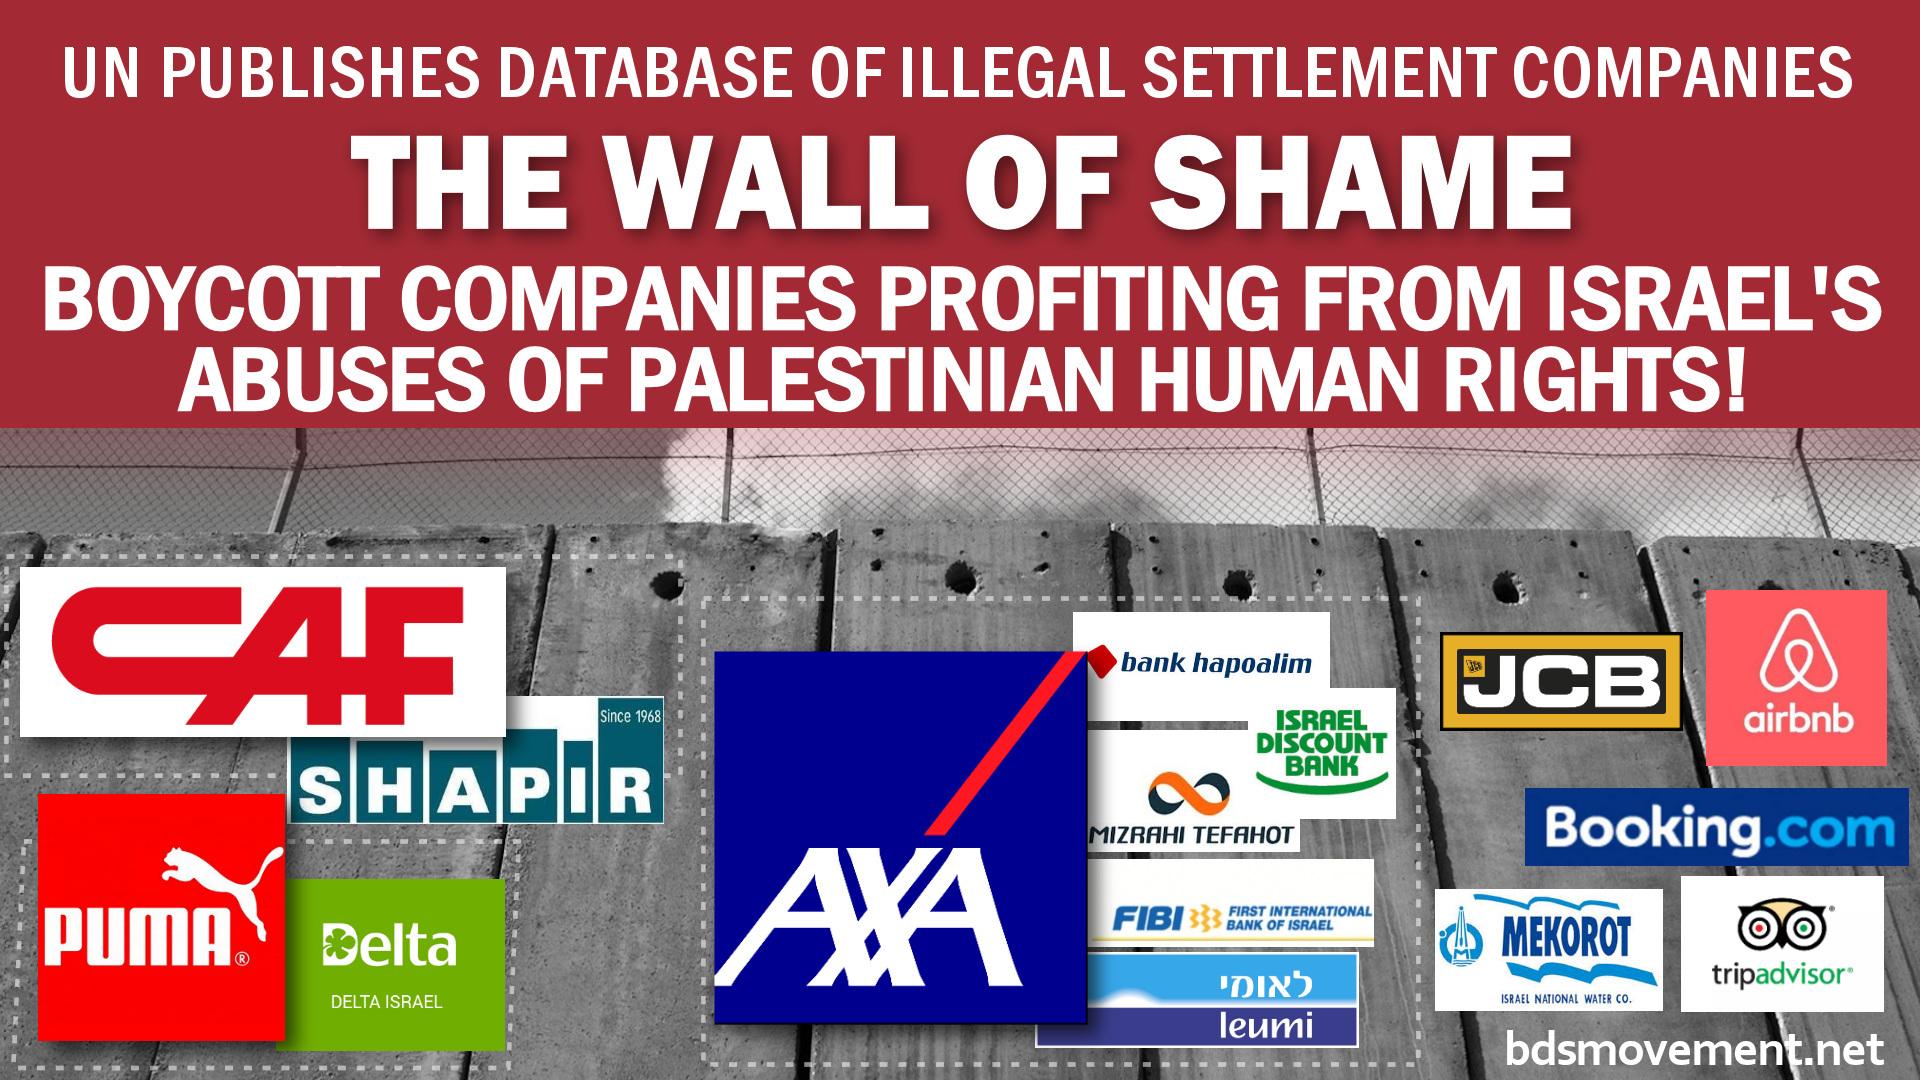 L'ONU mette nella black-list 112 compagnie israeliane e internazionali complici degli insediamenti coloniali